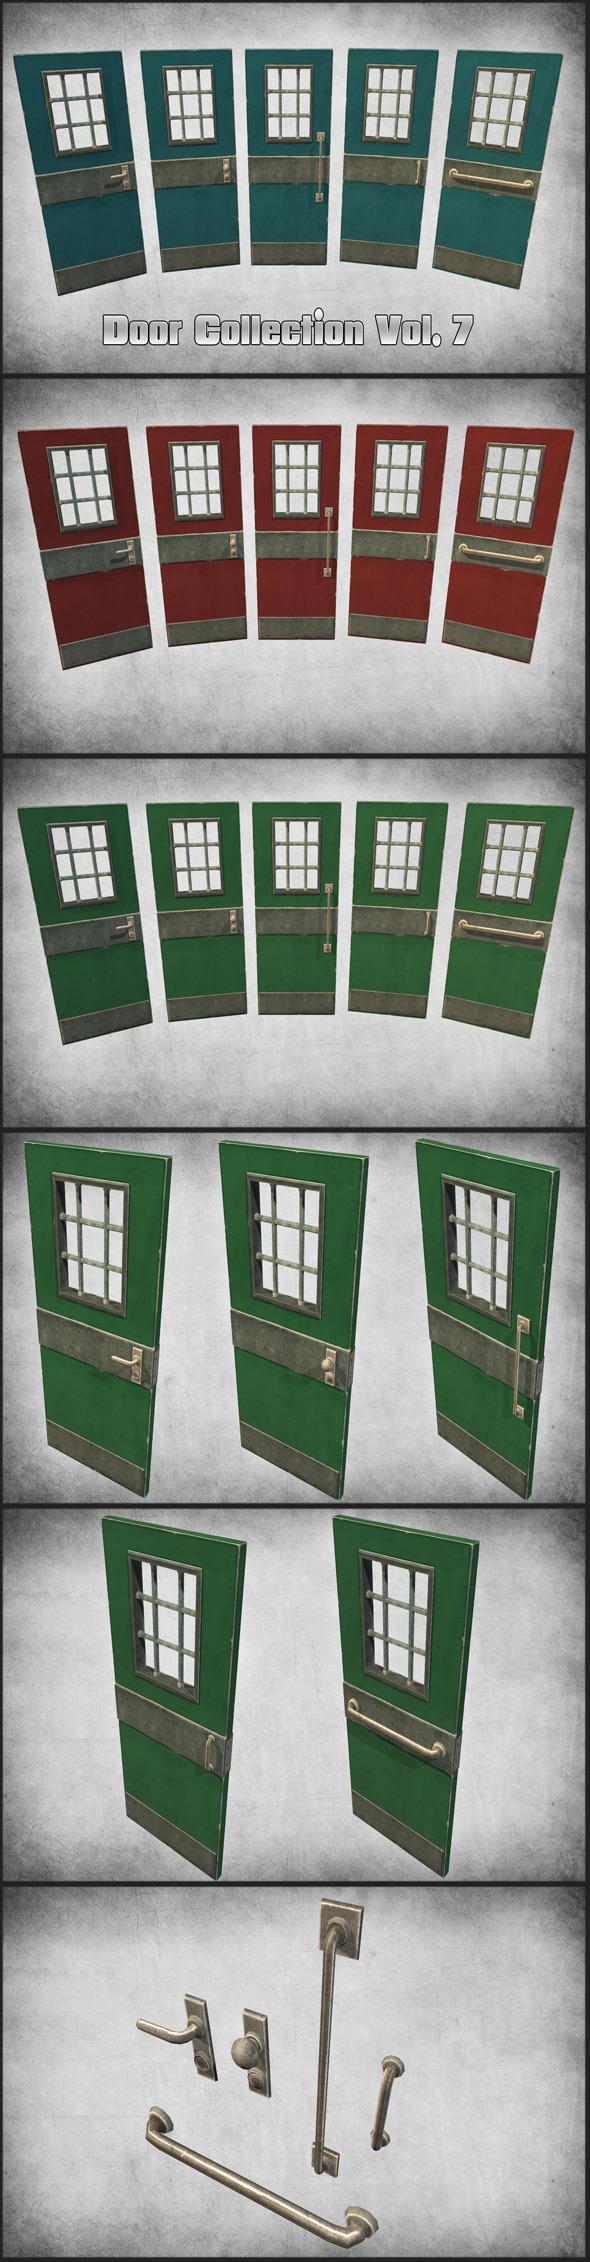 Door Collection Vol. 7 - 3DOcean Item for Sale